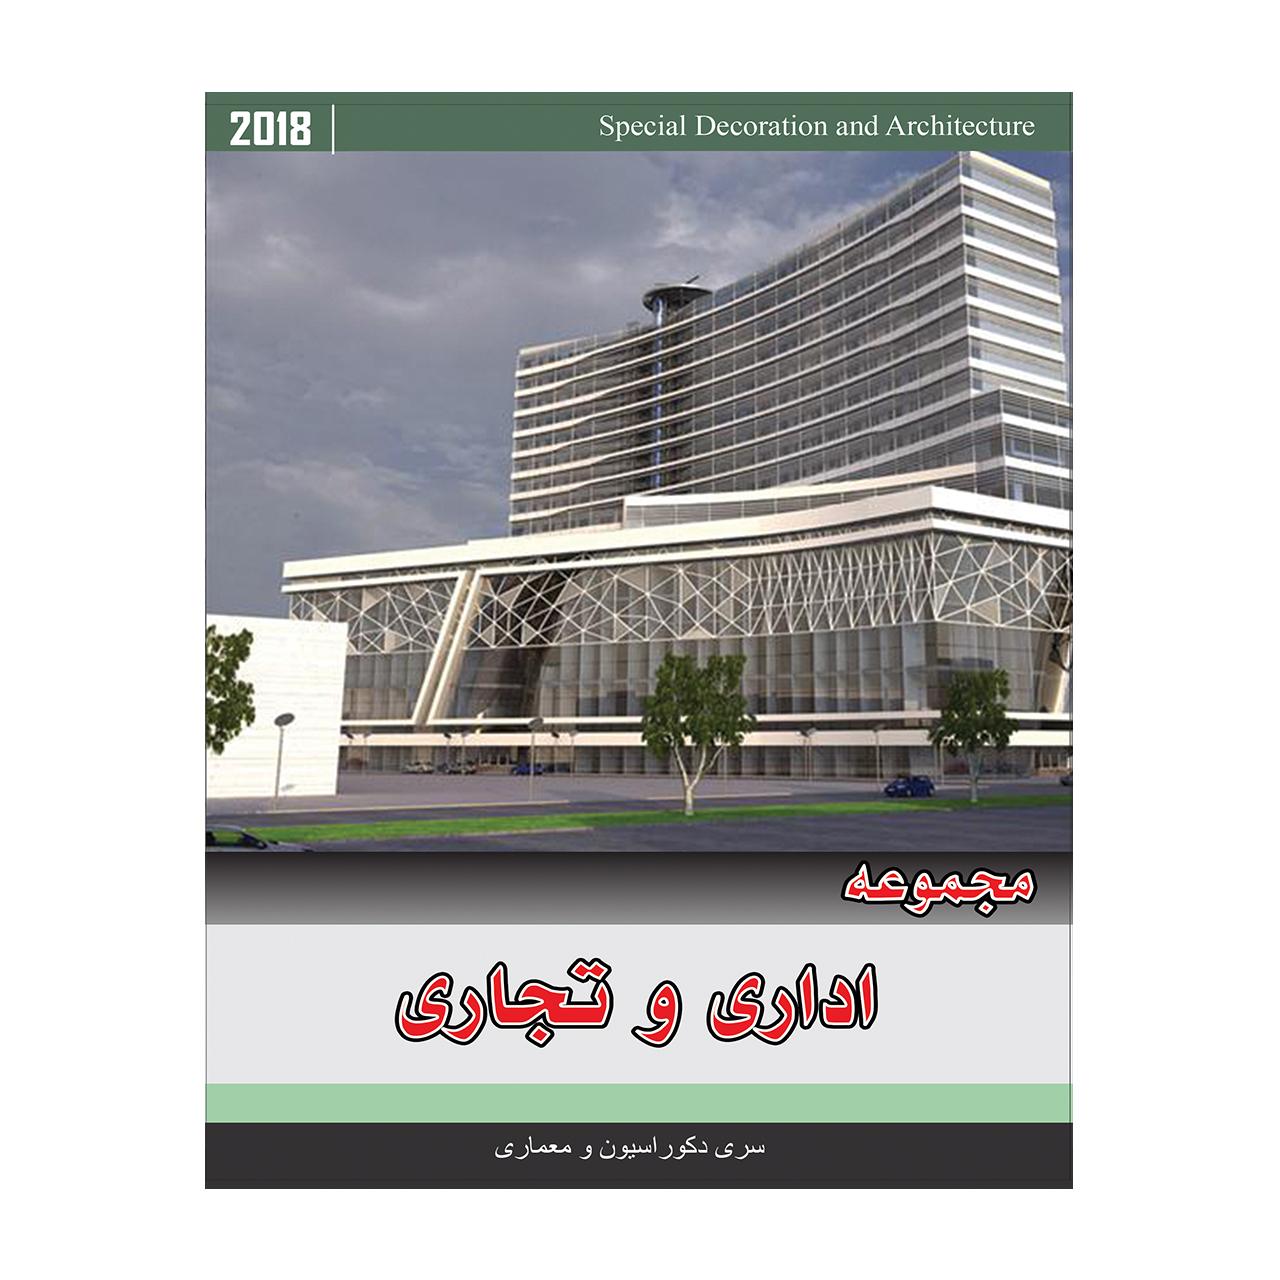 مجموعه تصاویر اداری و تجاری نشر جی ای بانک